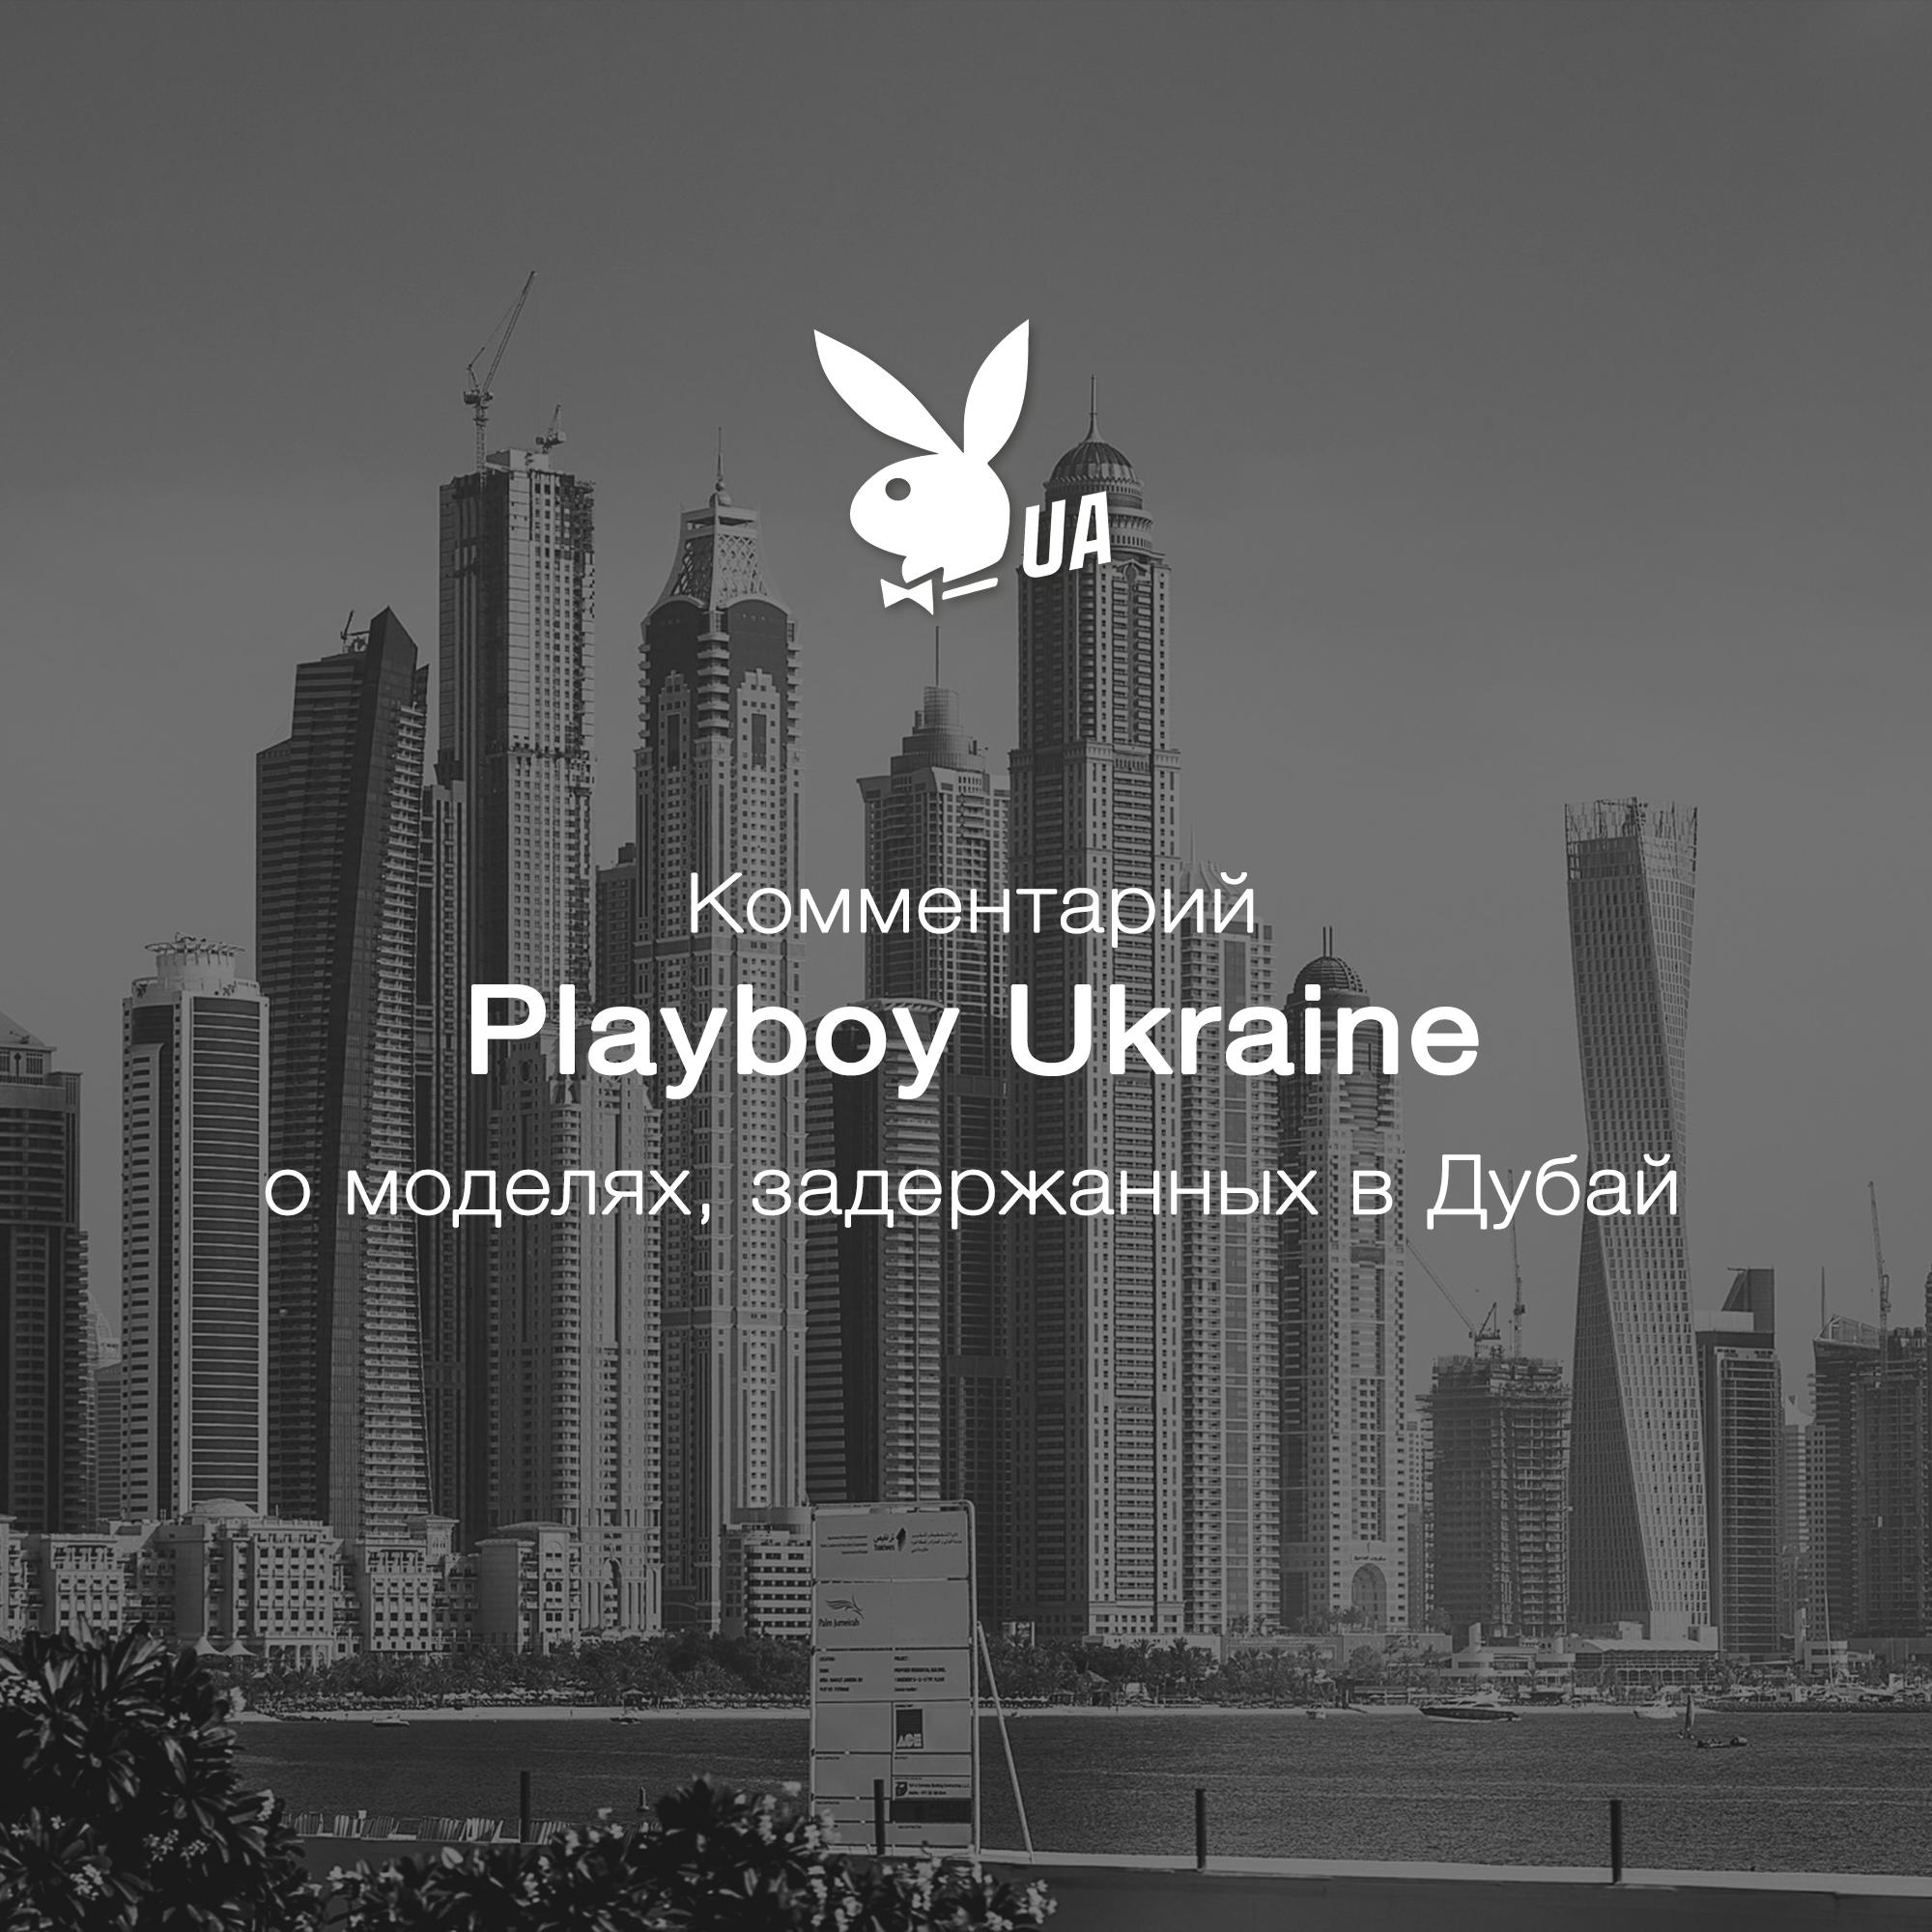 Коментар Playboy Ukraine про моделей, затриманих у Дубаї.